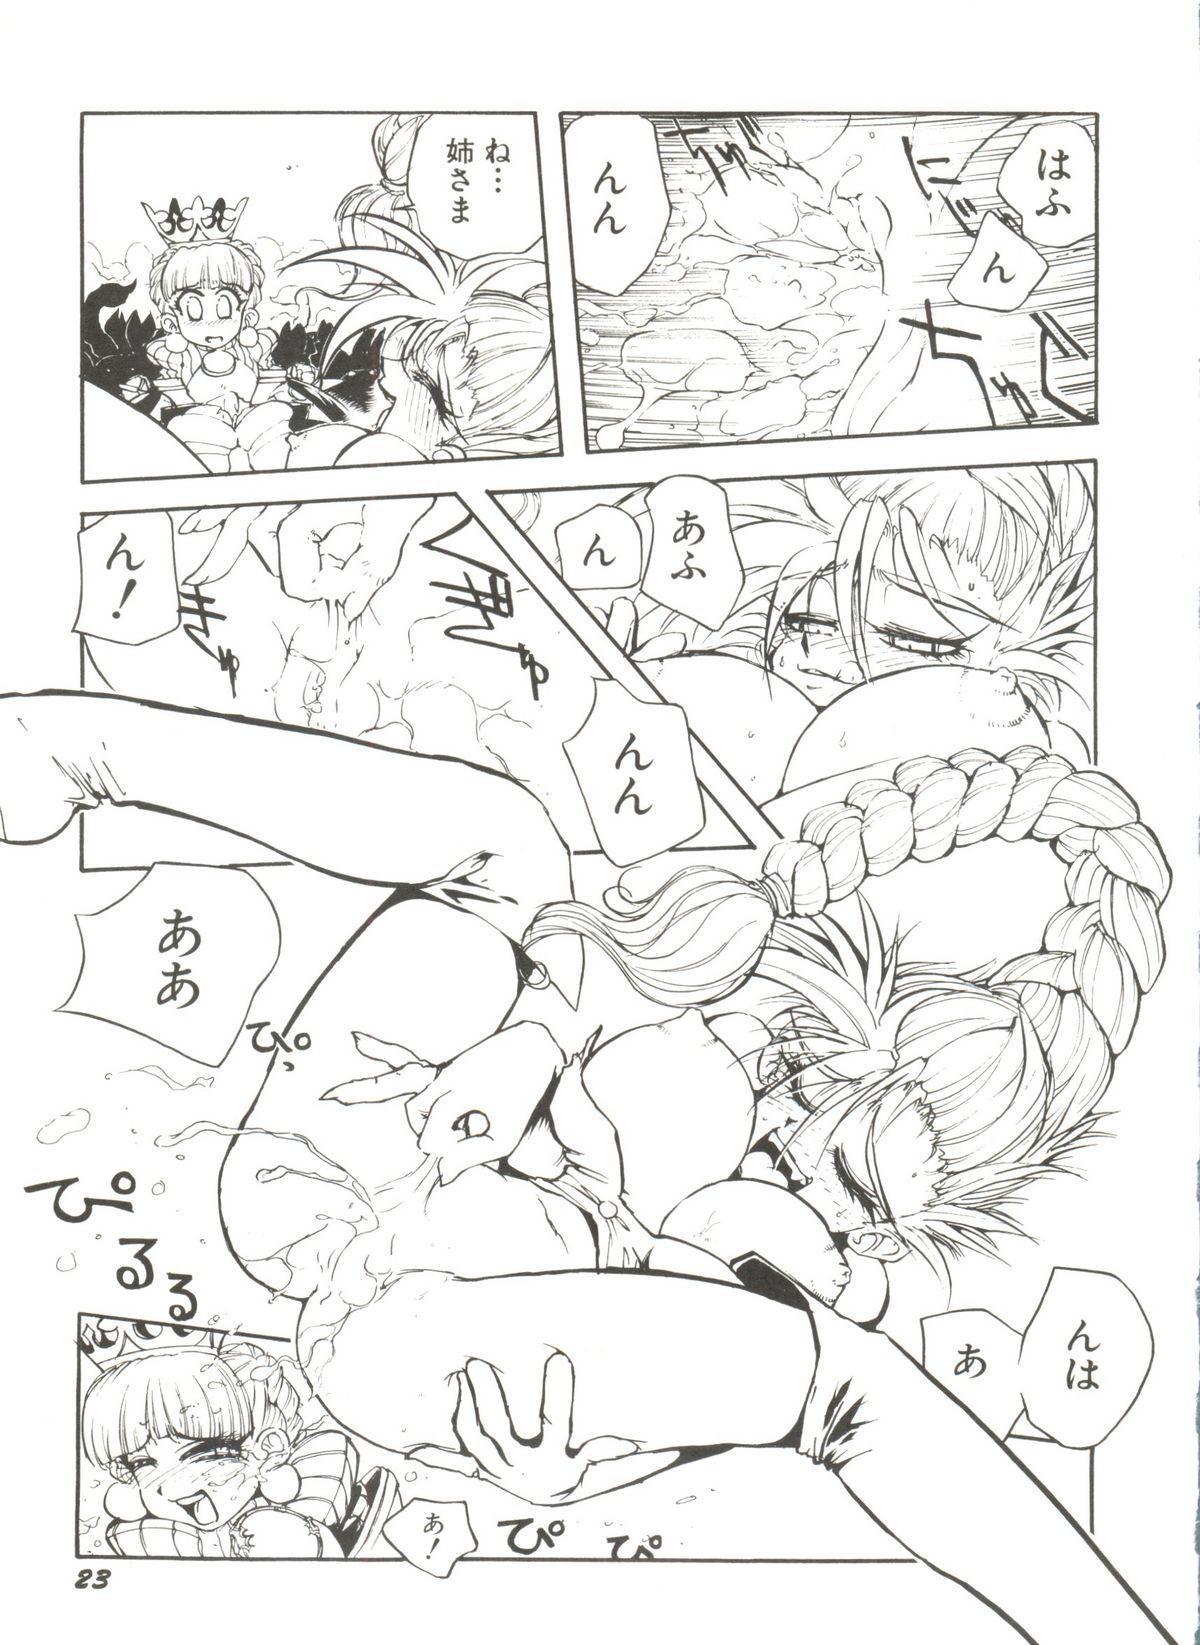 Denei Tamate Bako Bishoujo Doujinshi Anthology Vol. 2 - Nishinhou no Tenshi 26